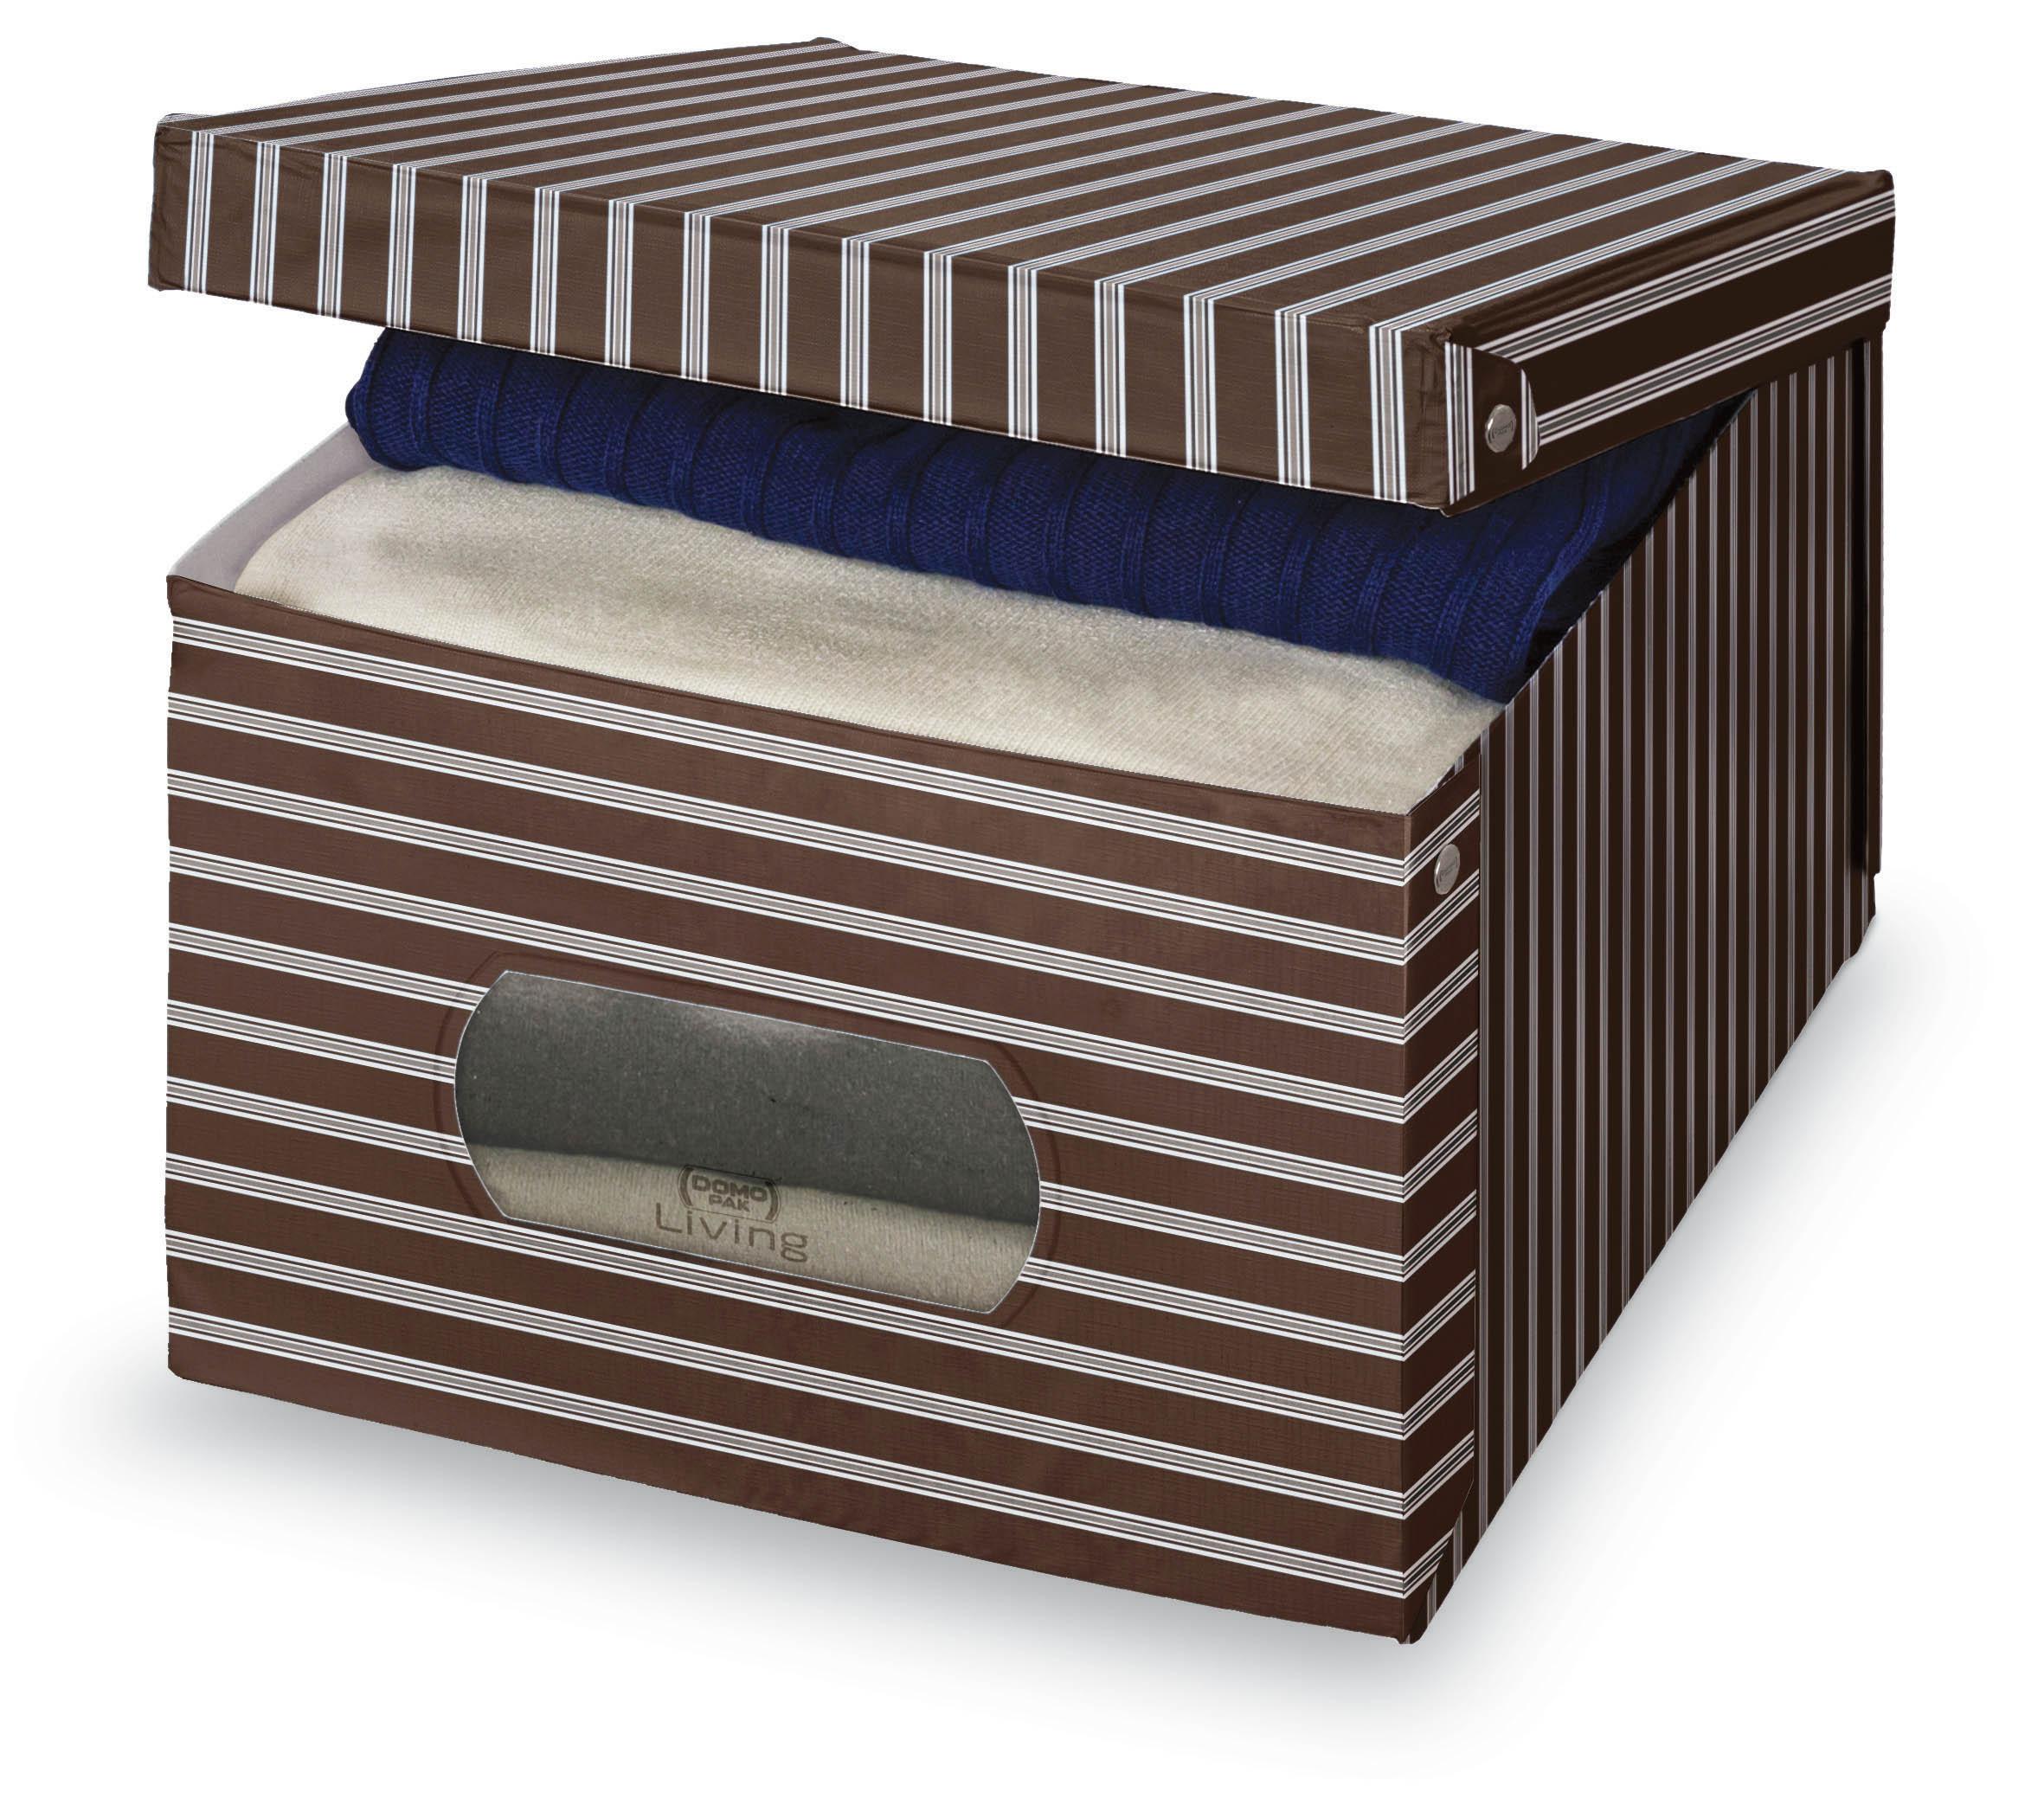 DOMOPAK Living Úložný box s oknem s proužky Velikost: větší